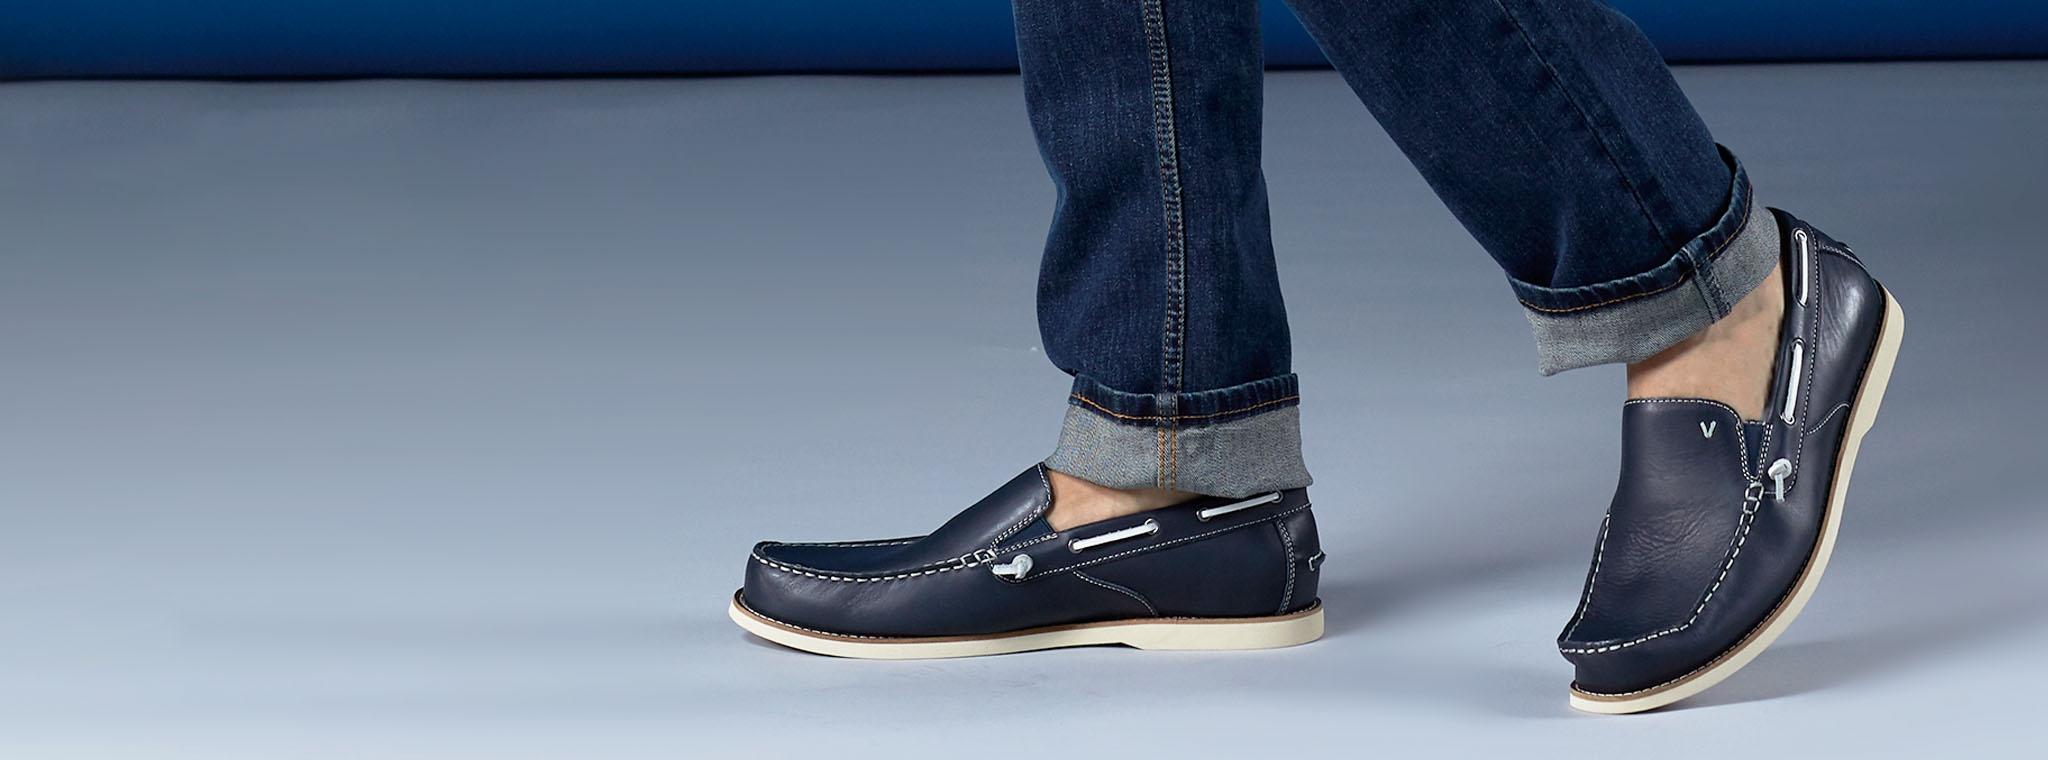 mens casuals shoes